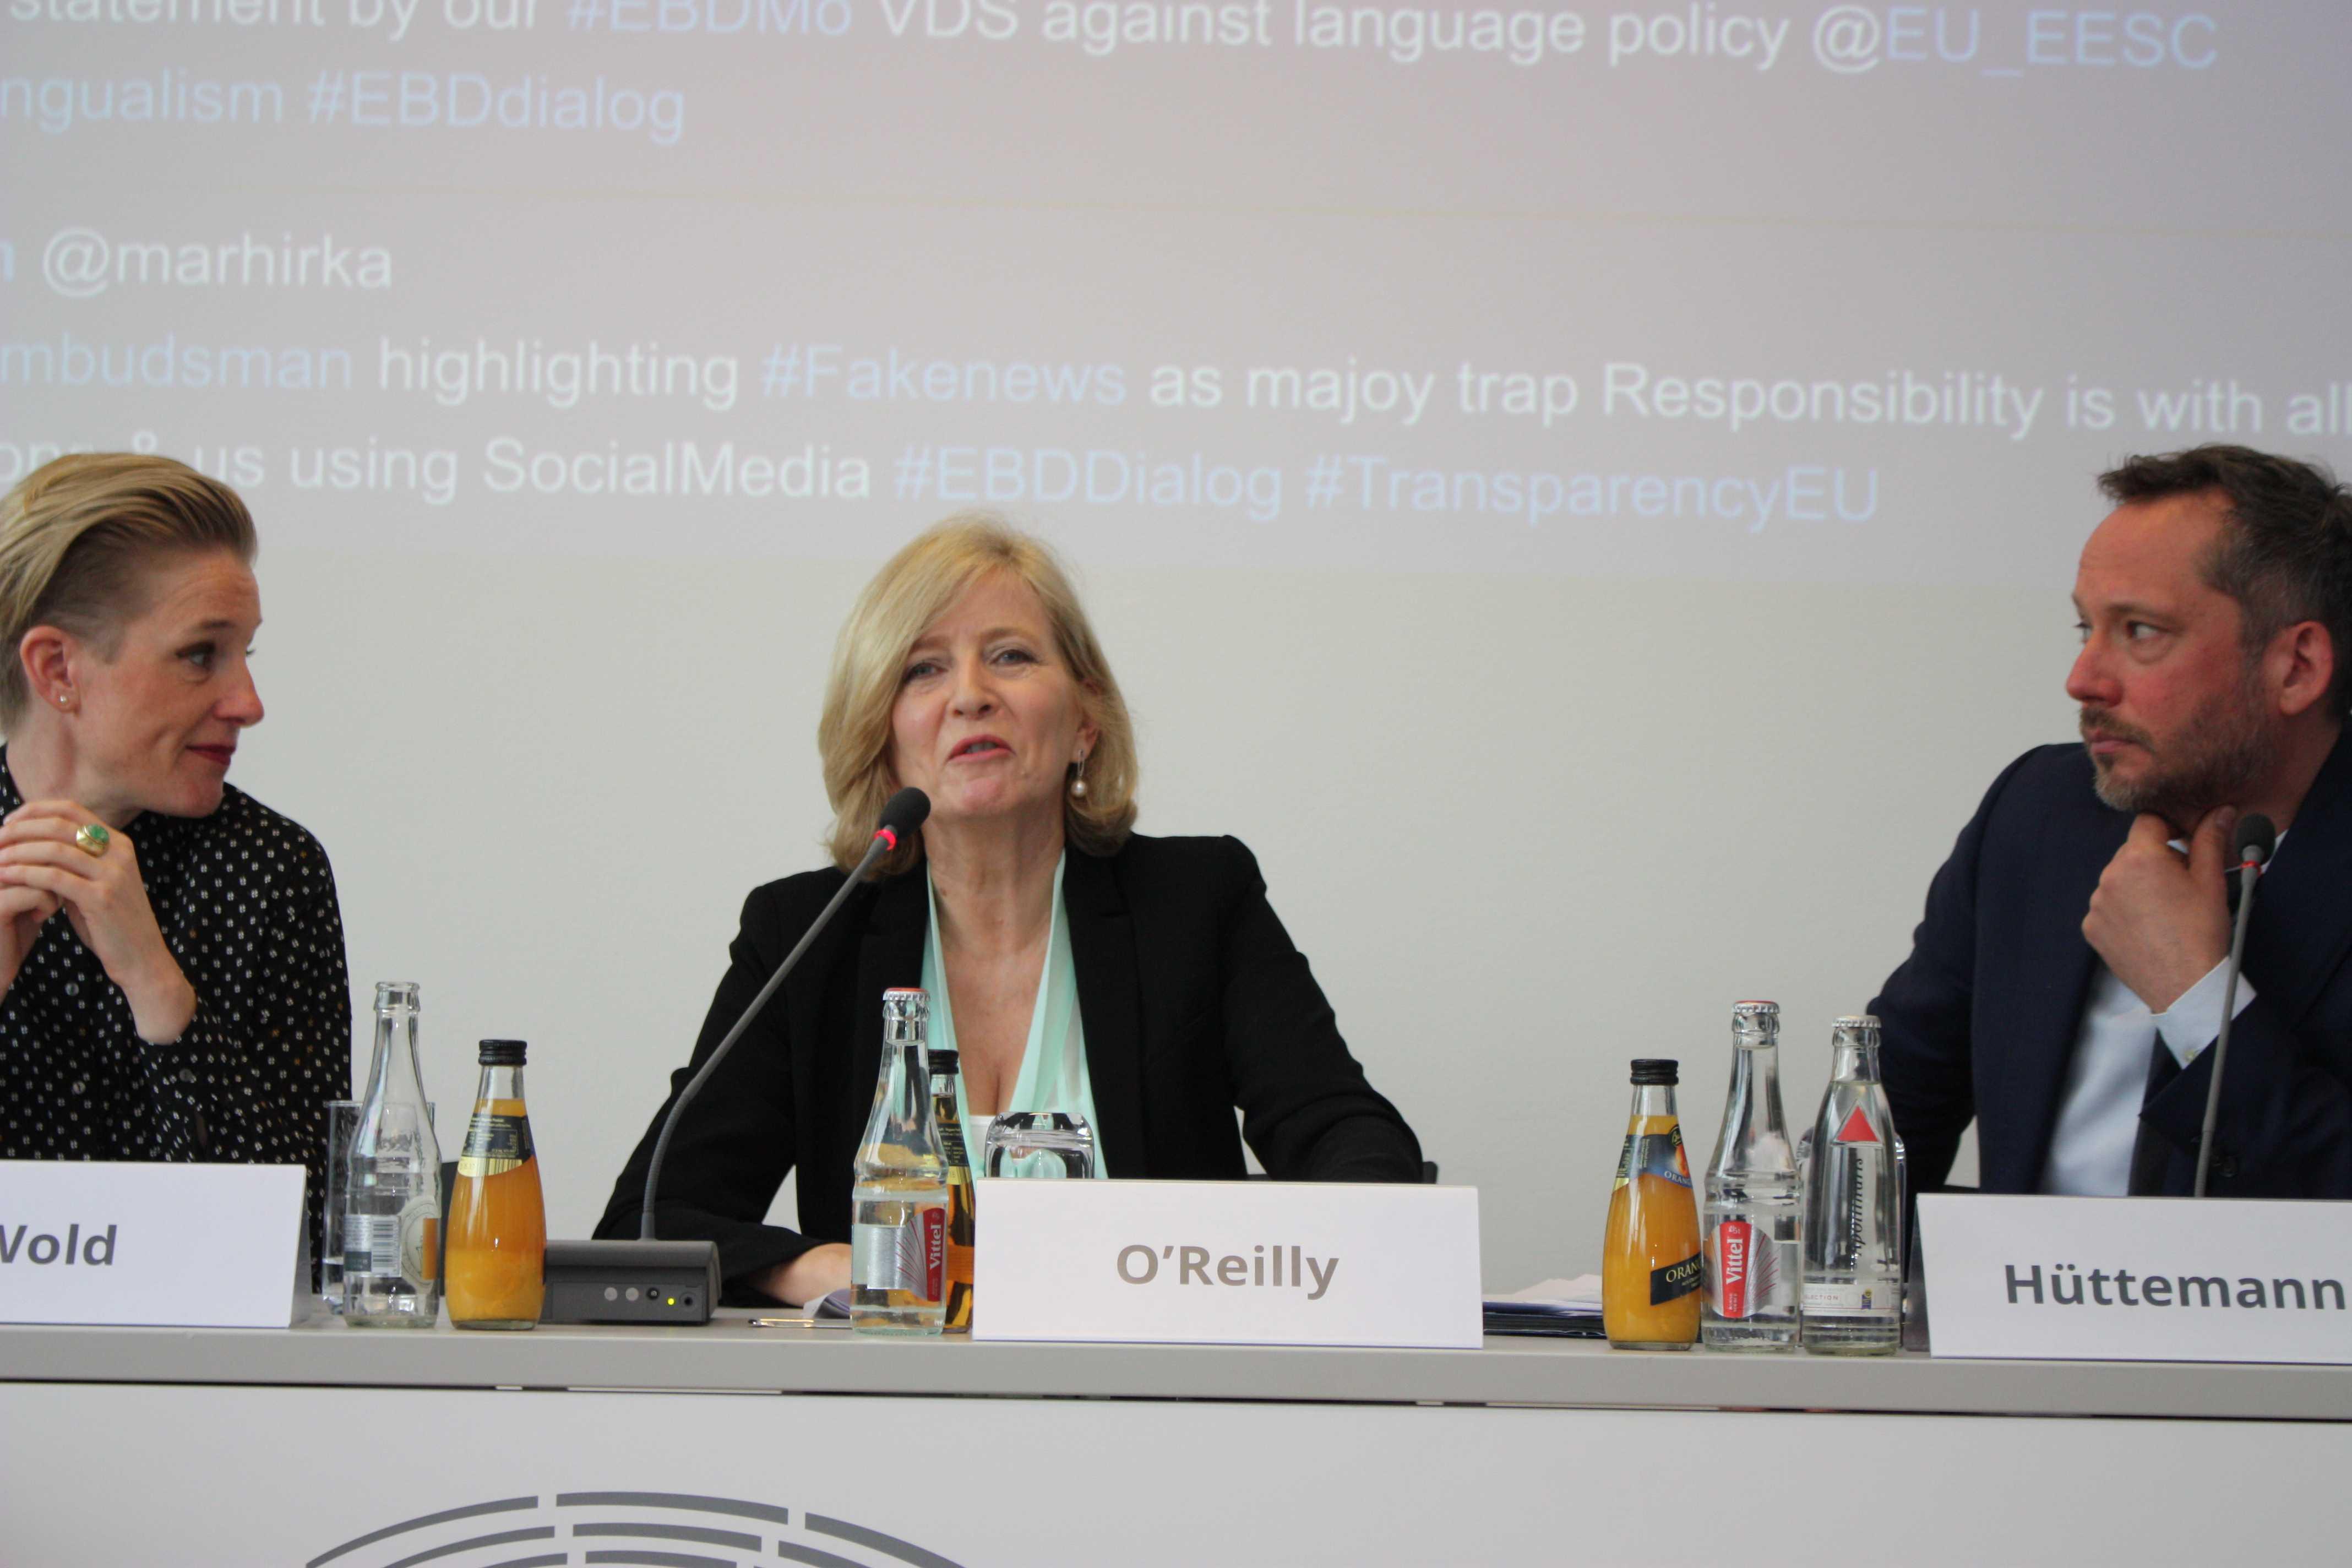 Nicht nur Transparenz, sondern echter Durchblick | EBD Dialog mit Emily O'Reilly